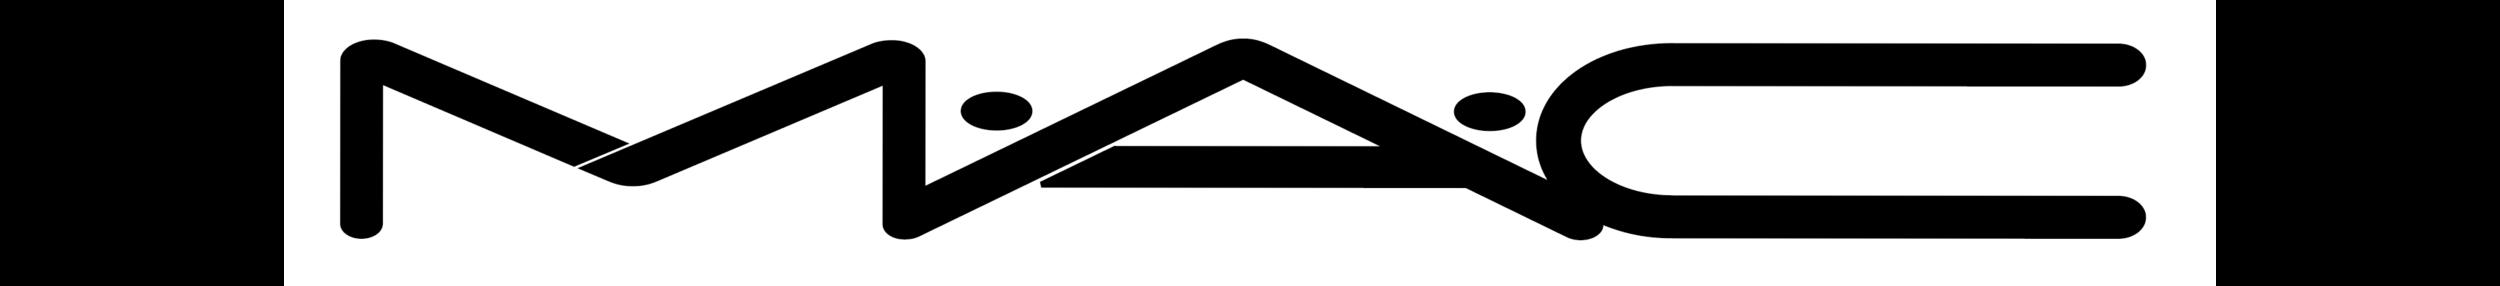 Mac_logo_logotype_2.png